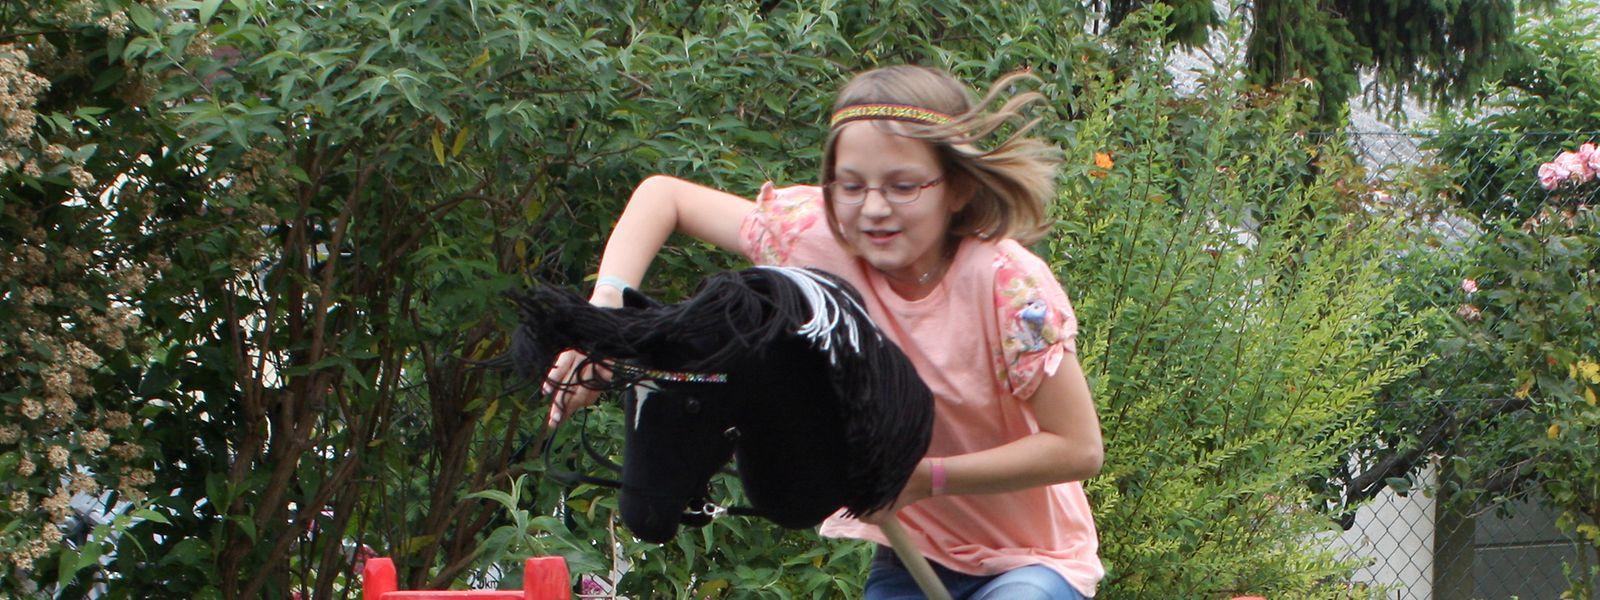 Die zehnjährige Melina Gardt beim Reittraining mit dem Steckenpferd.